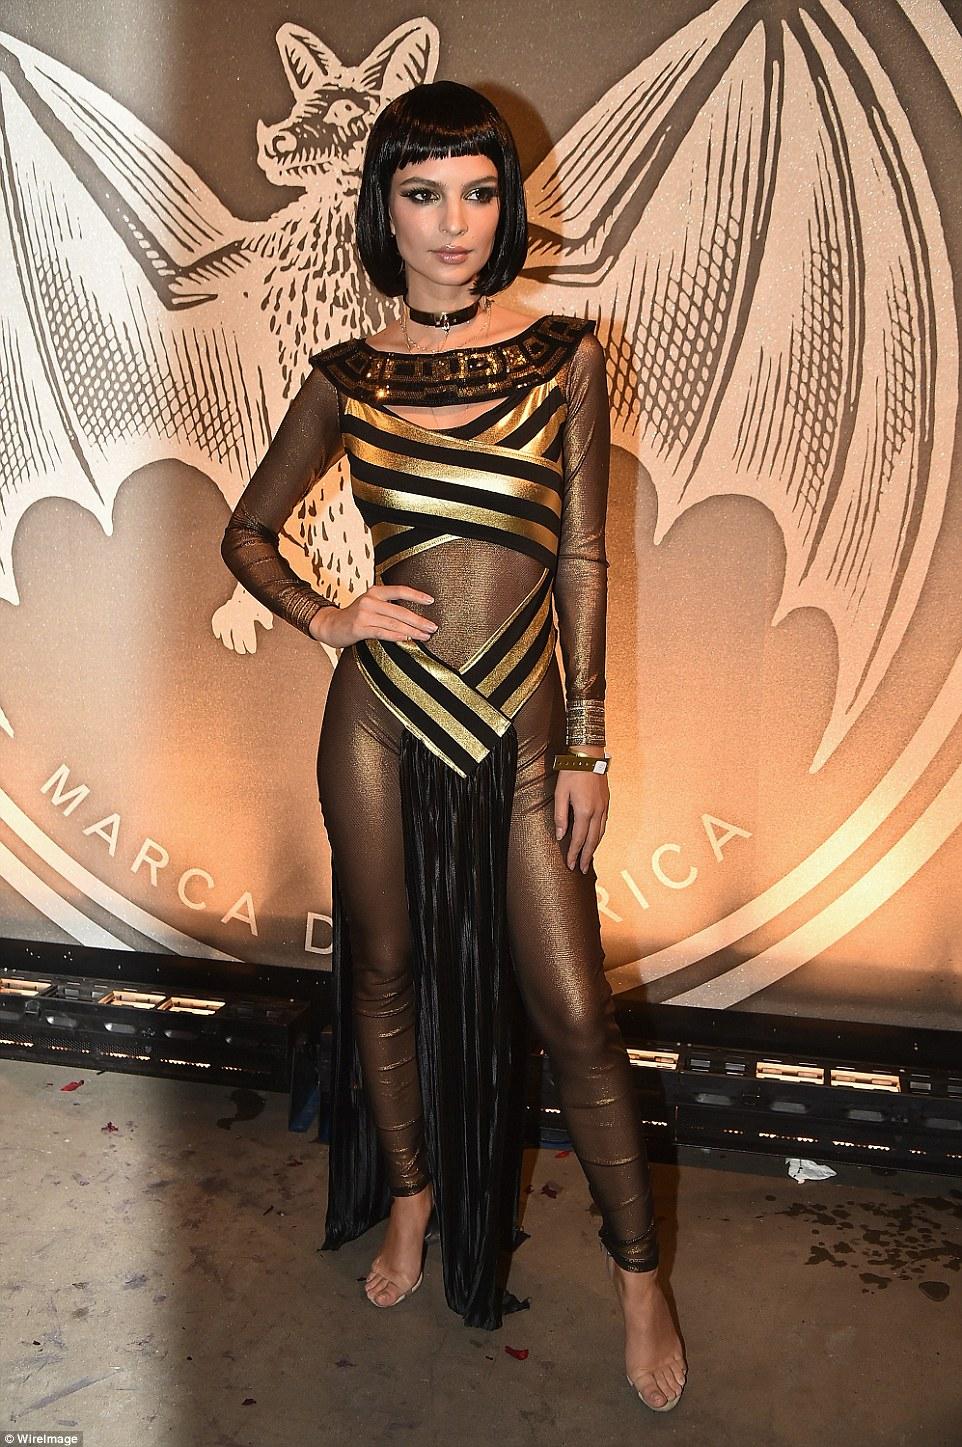 Модель Эмили Ратаковски в костюме Клеопатры хороша как никогда.